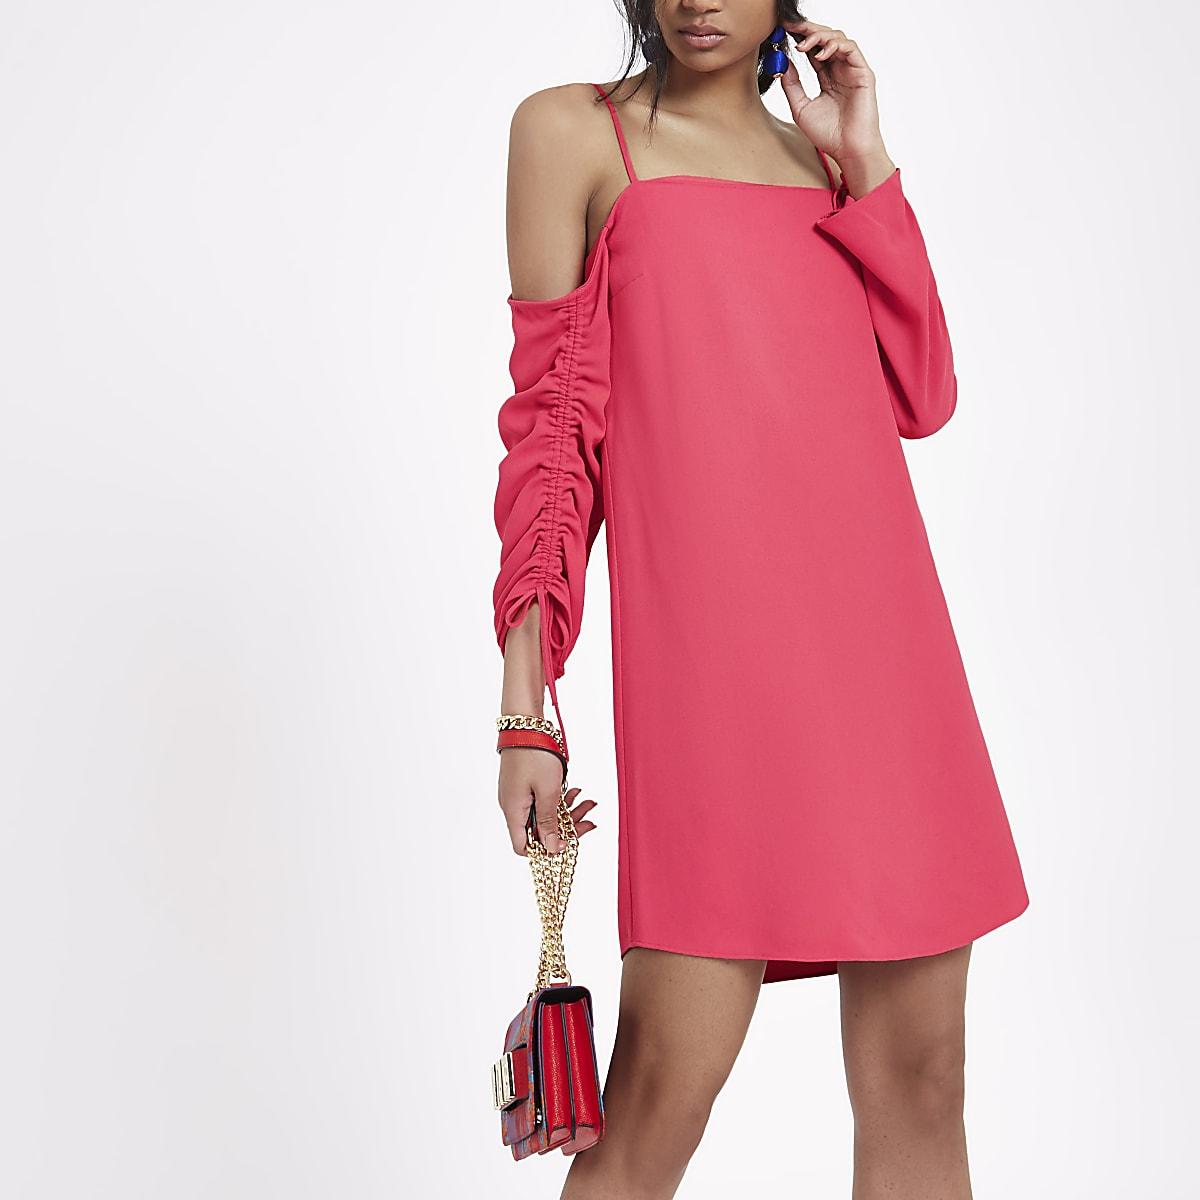 Bright pink cold shoulder swing dress